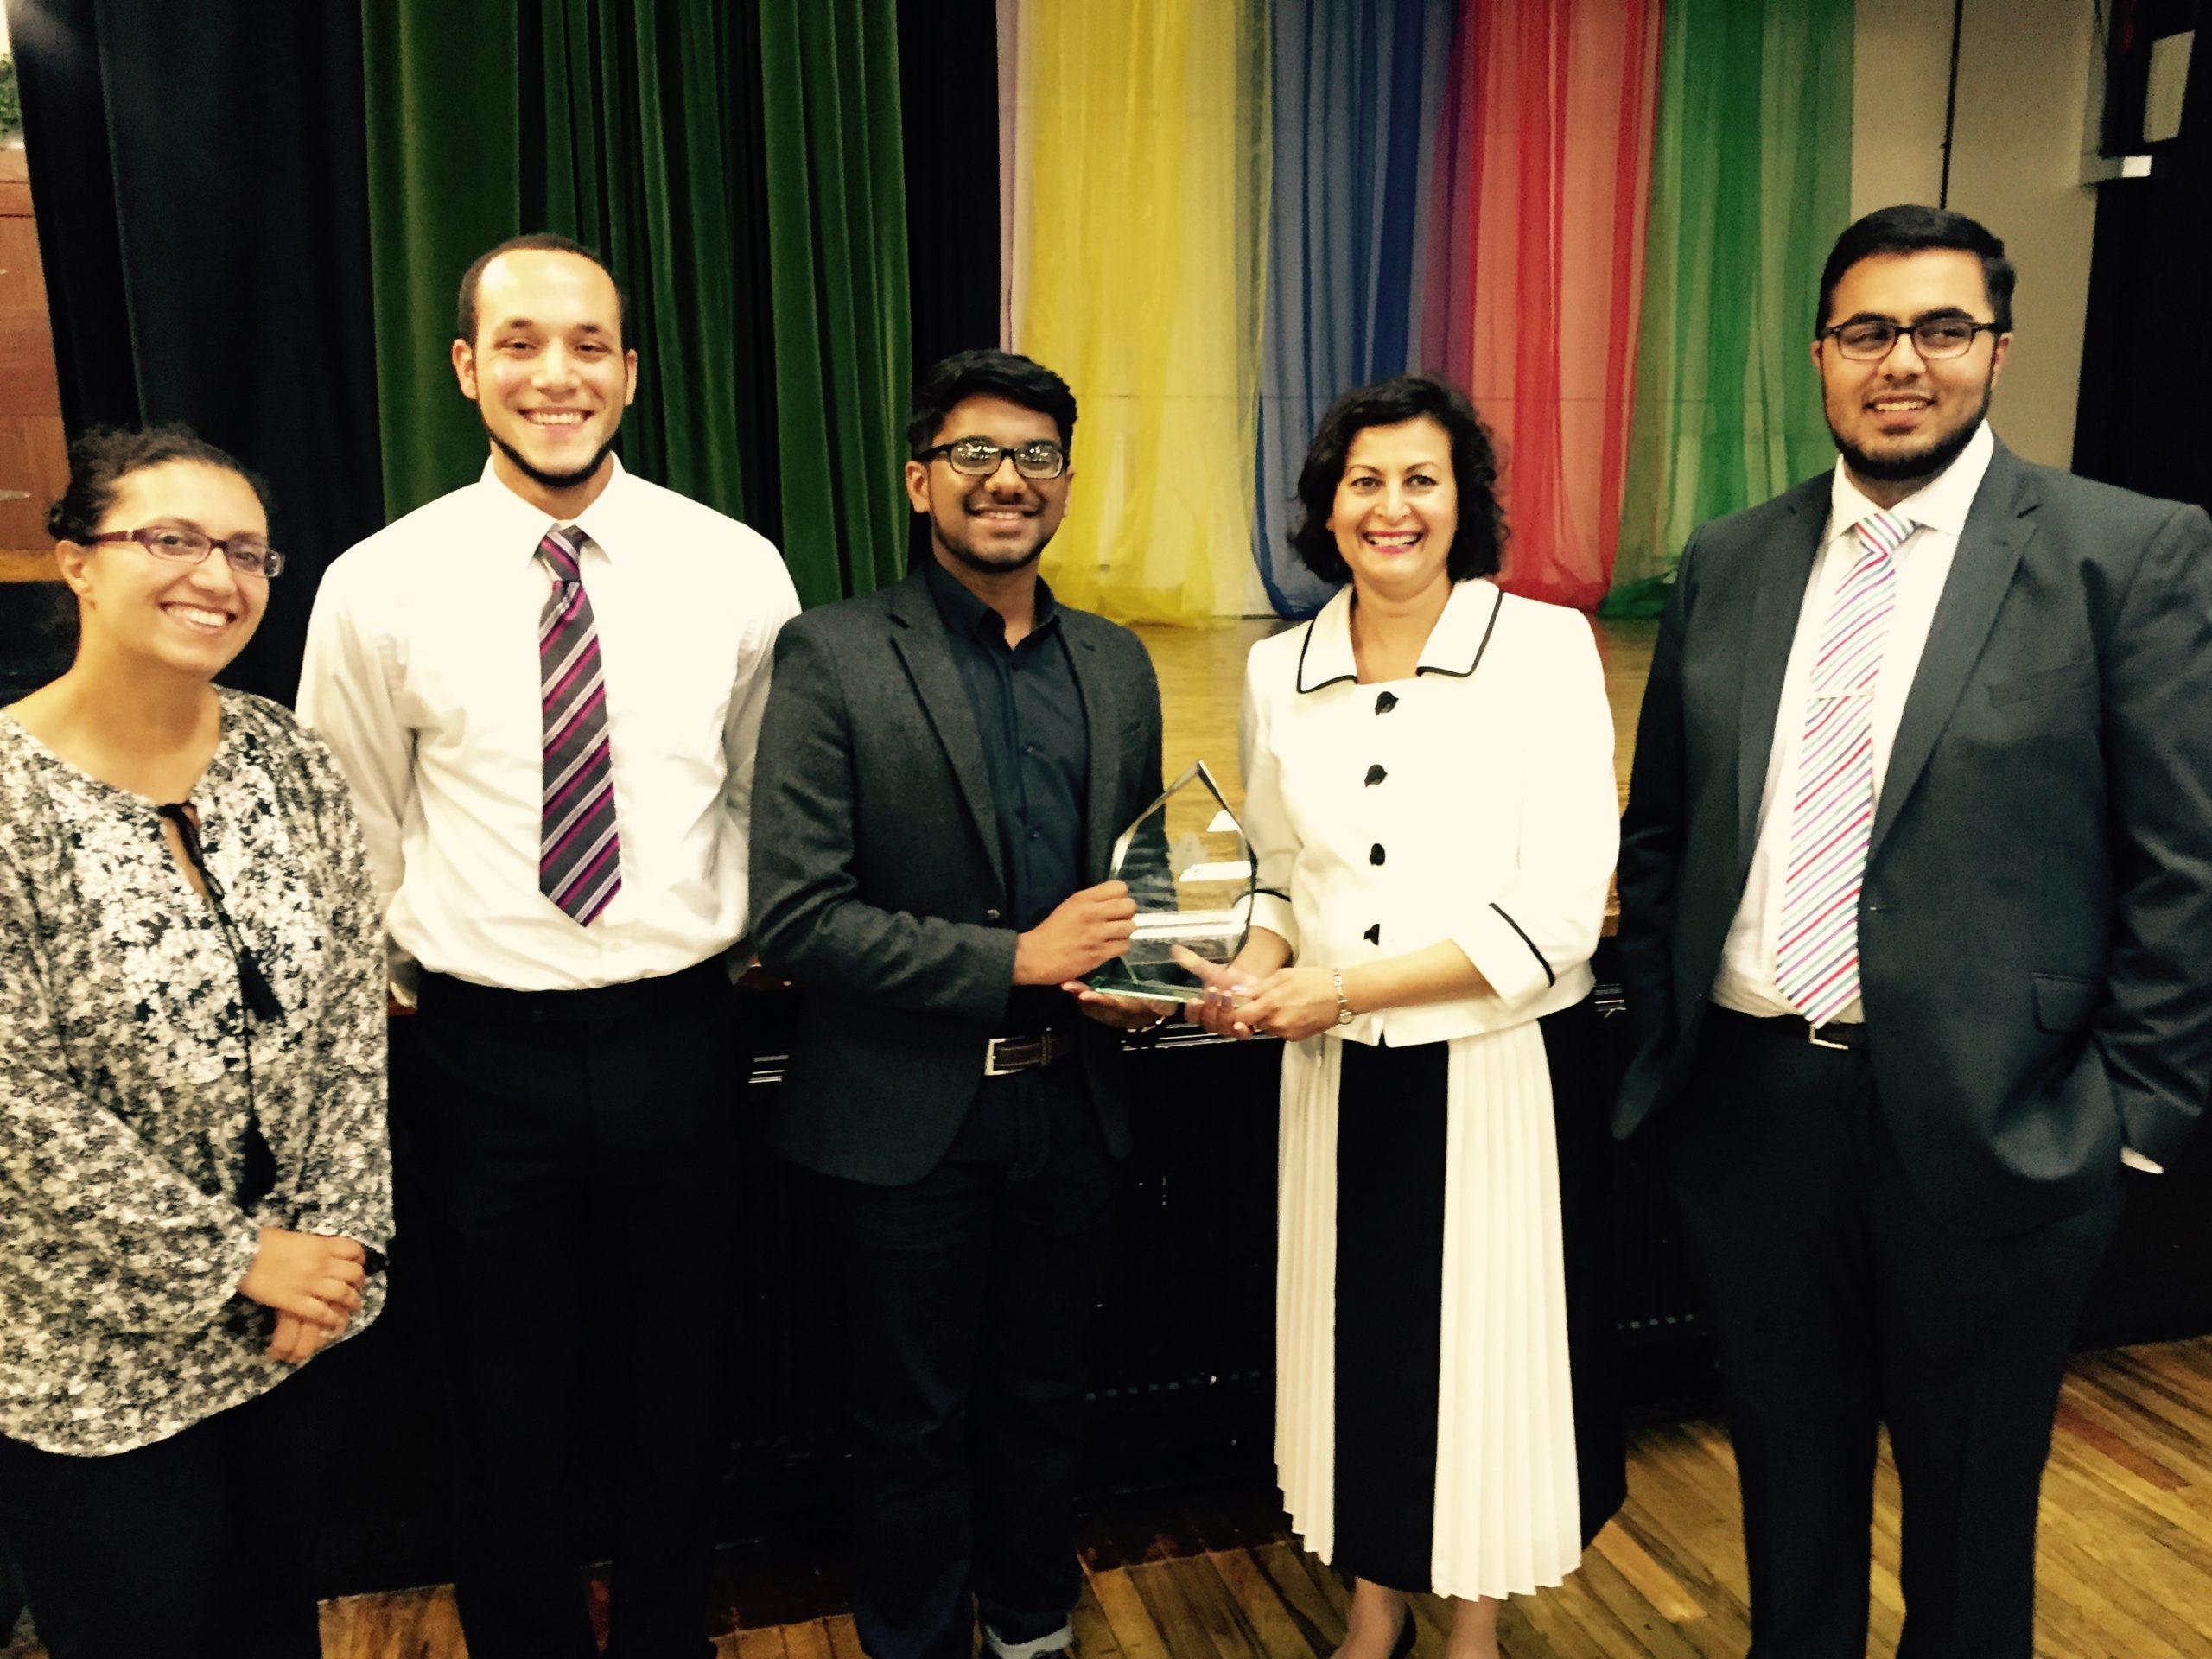 The Naz Bokhari Award 2015 winner is …